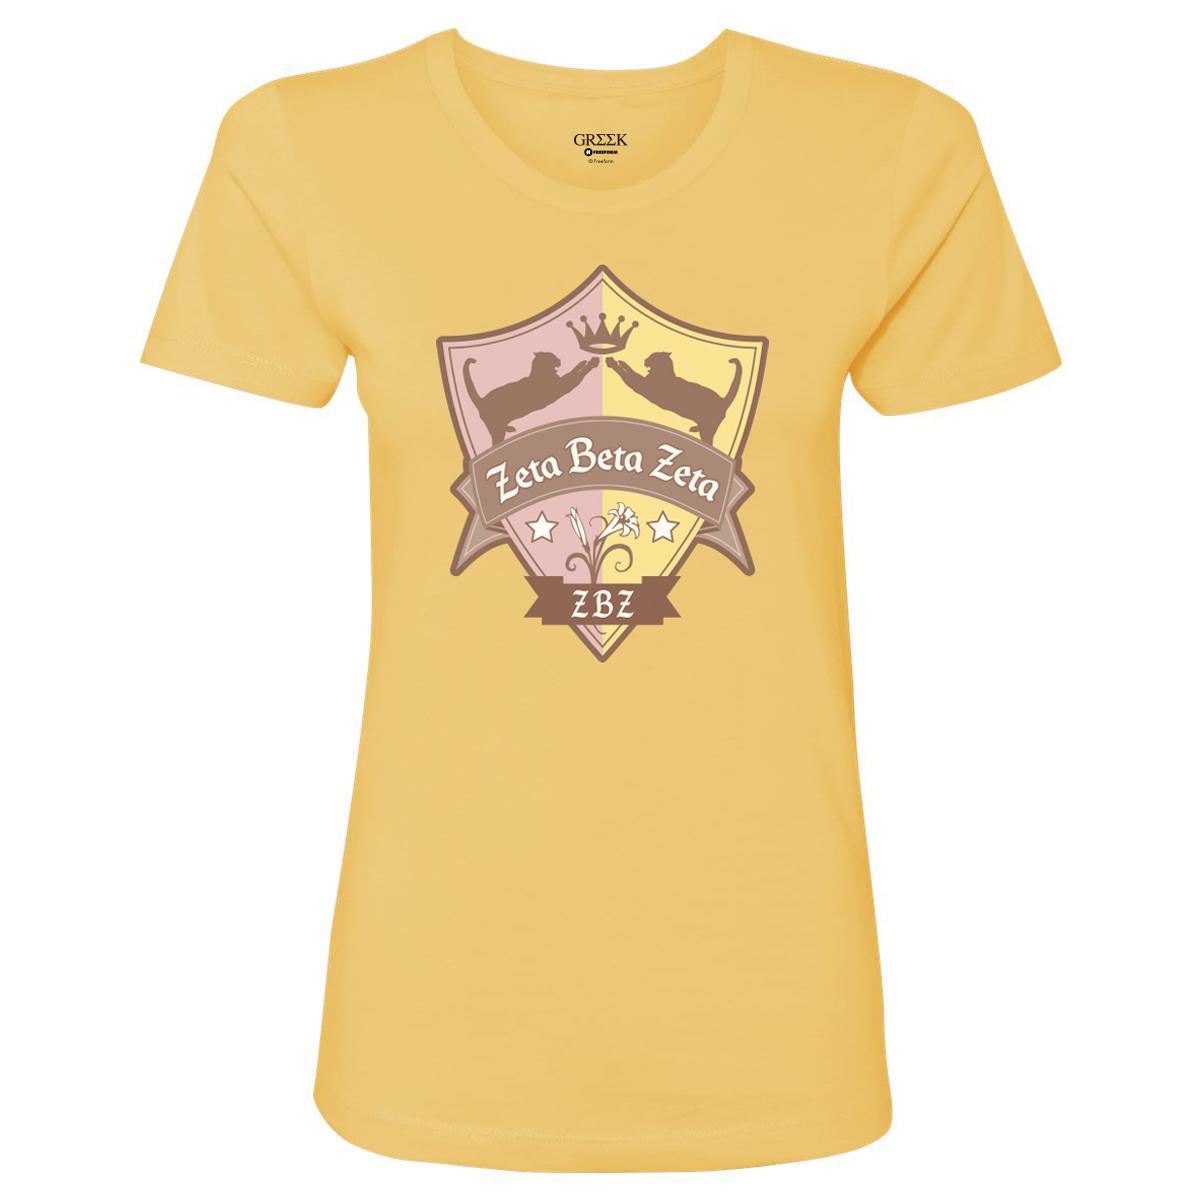 Greek Zeta Beta Zeta Women's T-Shirt